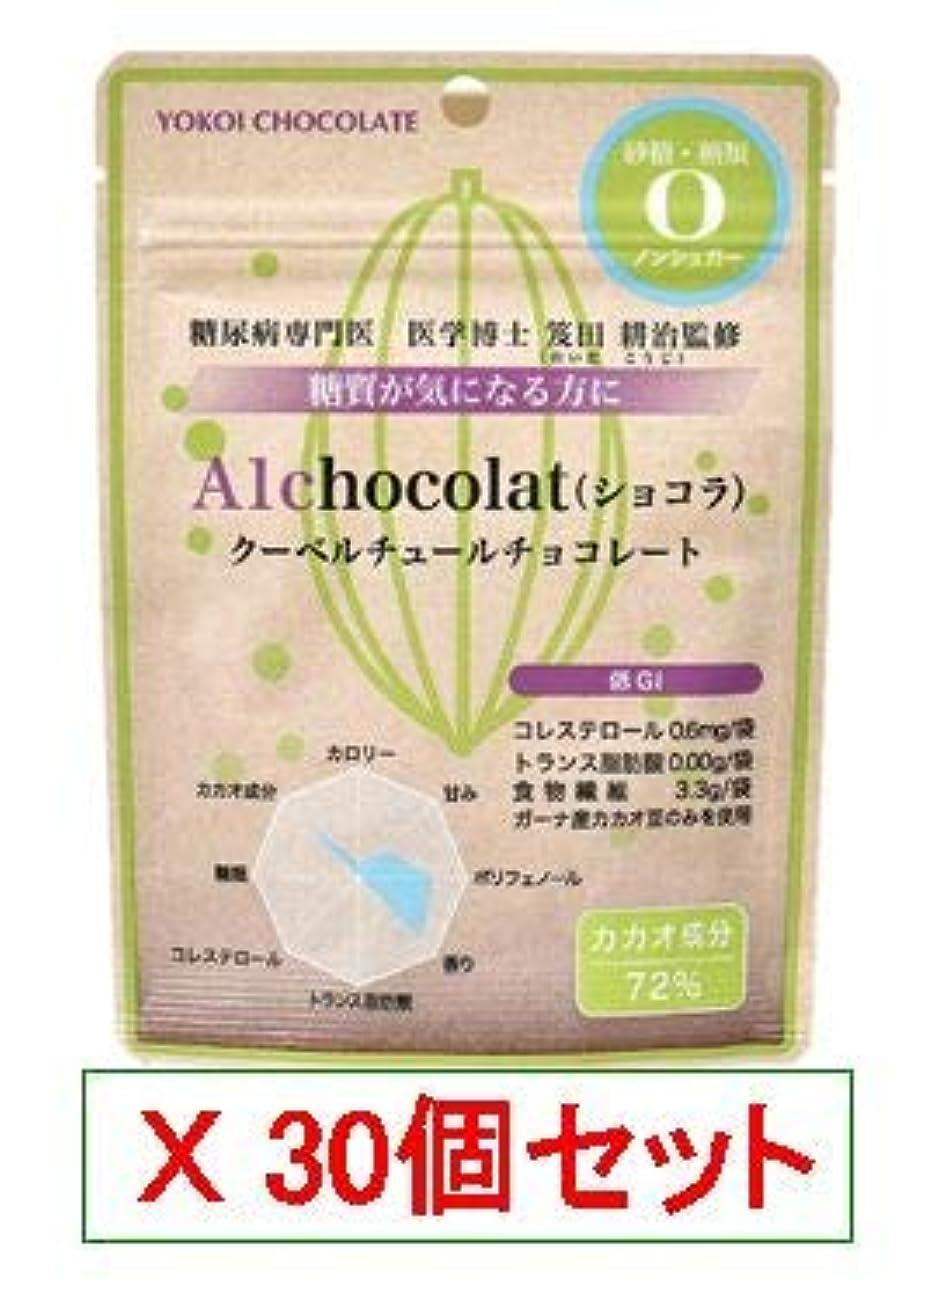 師匠リファイン風邪をひくA1 エーワンショコラ クーベルチュールチョコレート(10g) X30個セット